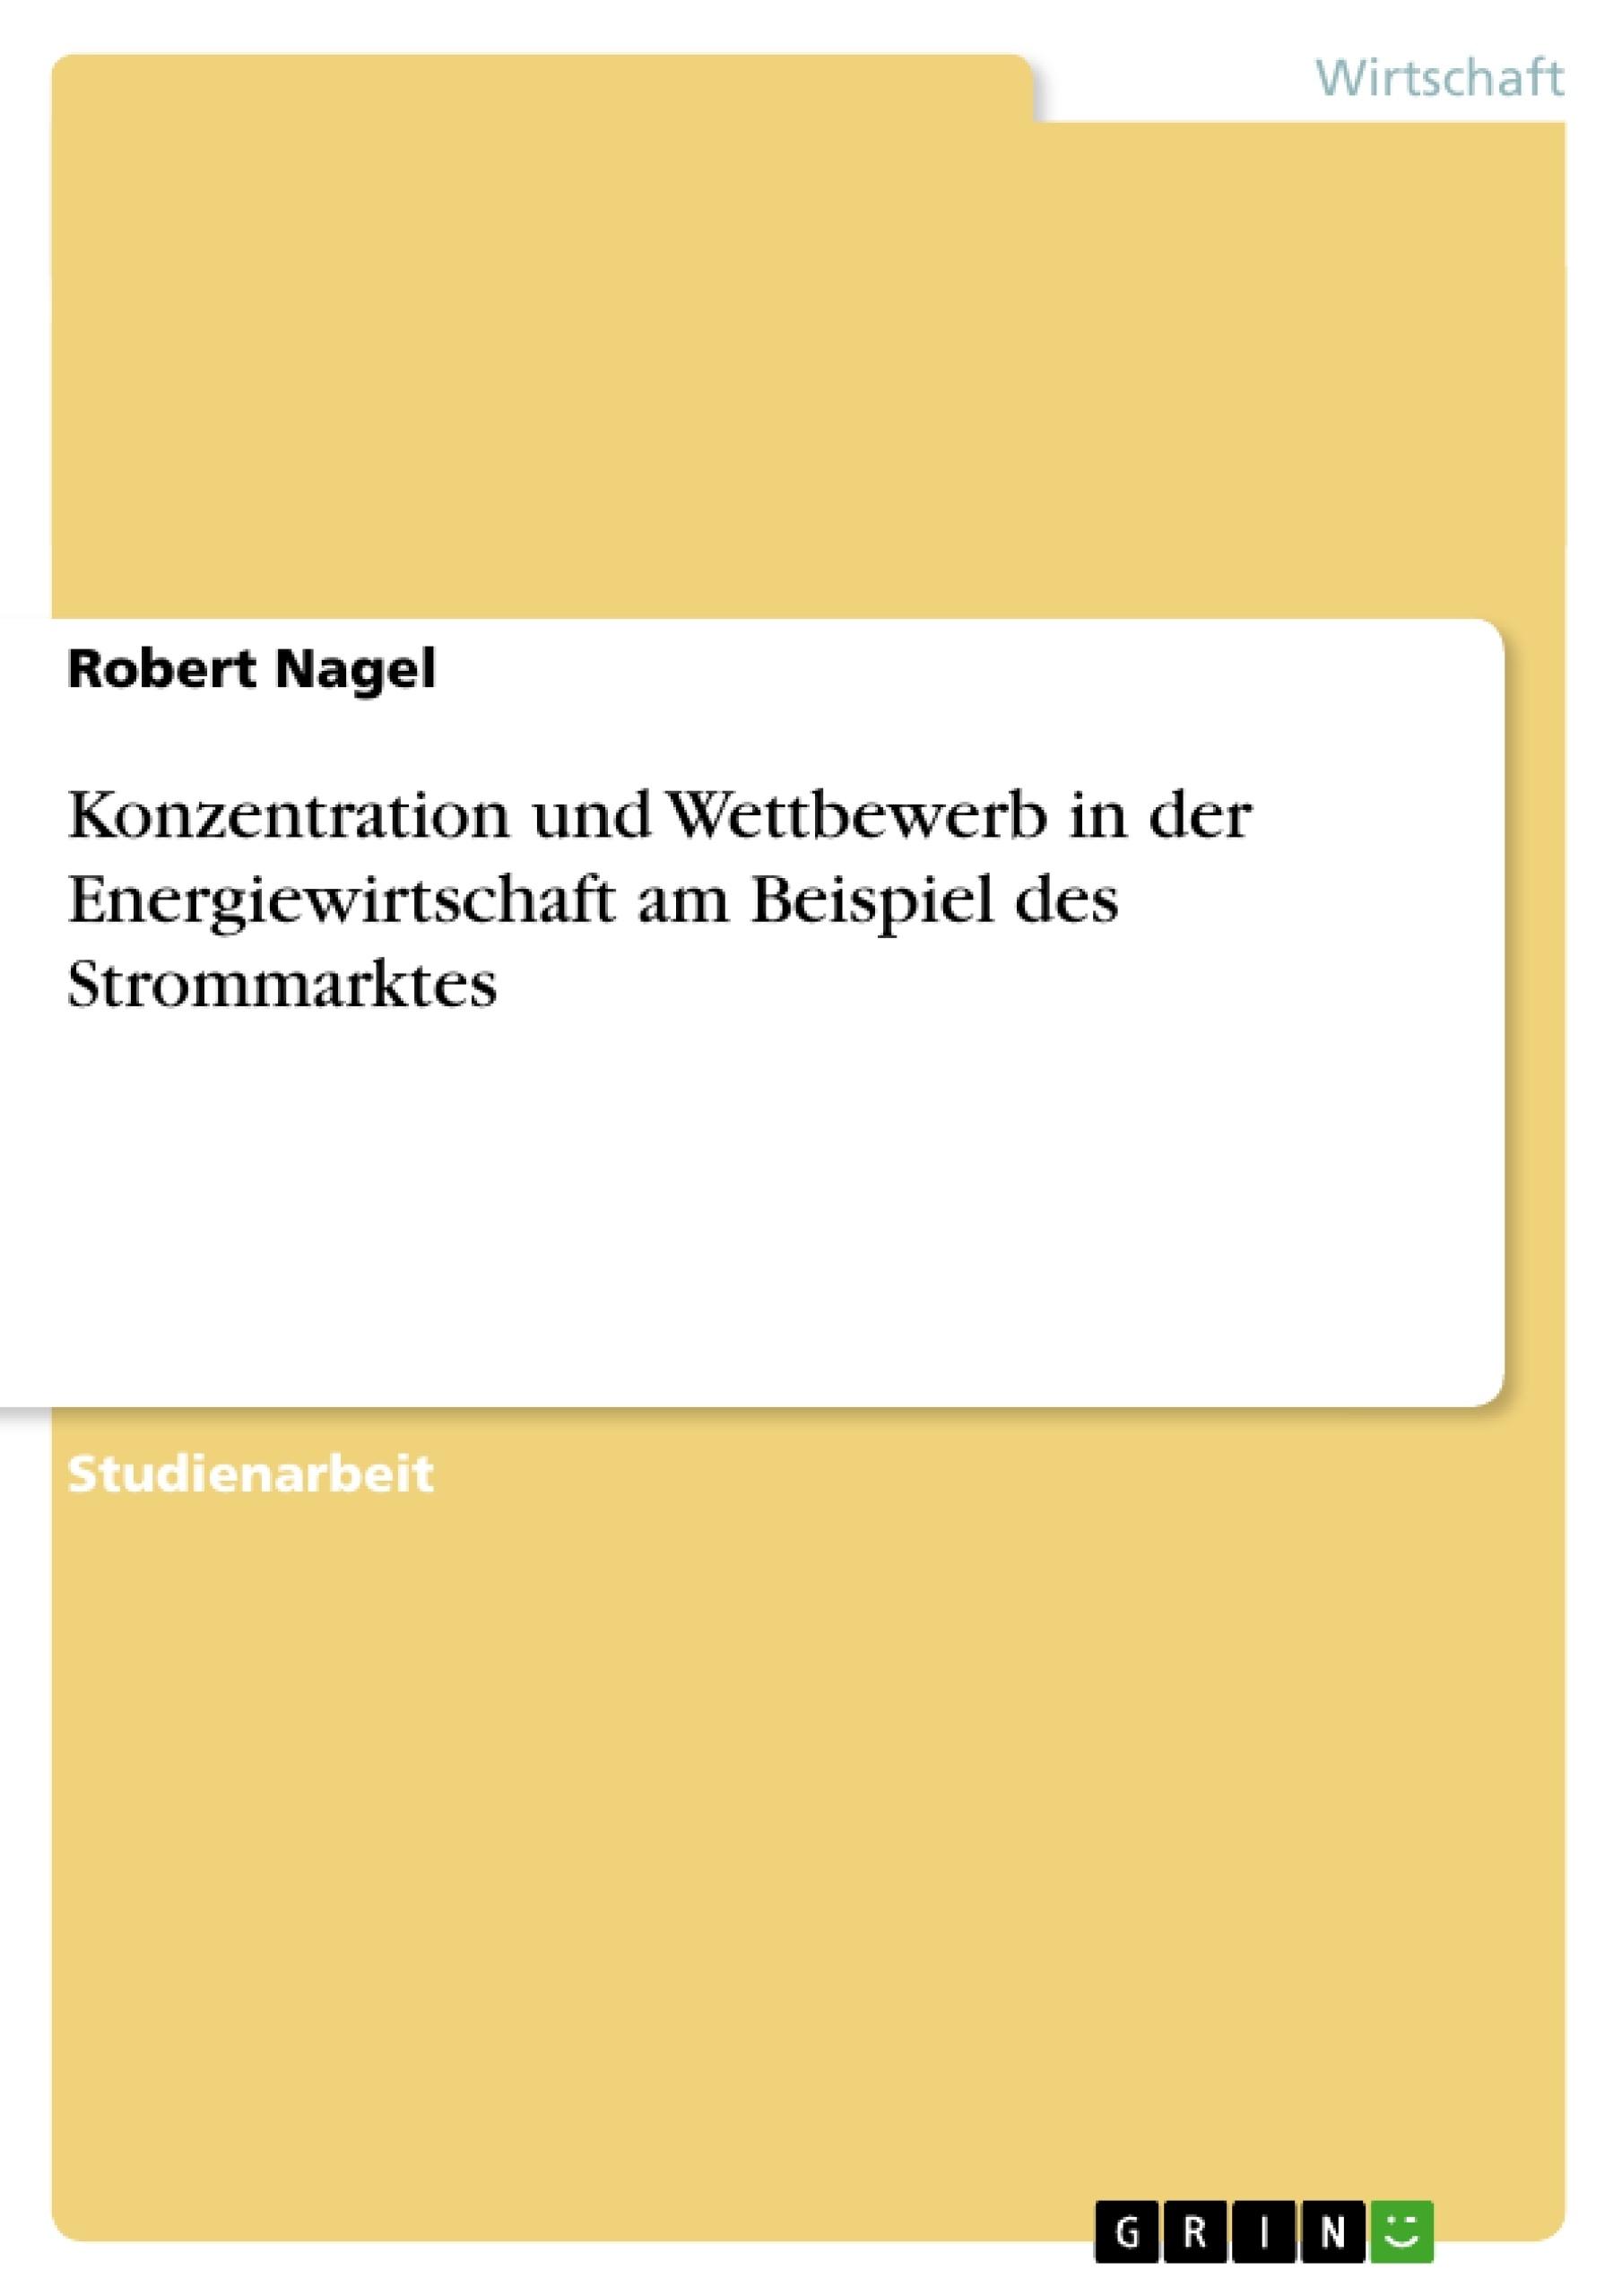 Titel: Konzentration und Wettbewerb in der Energiewirtschaft am Beispiel des Strommarktes